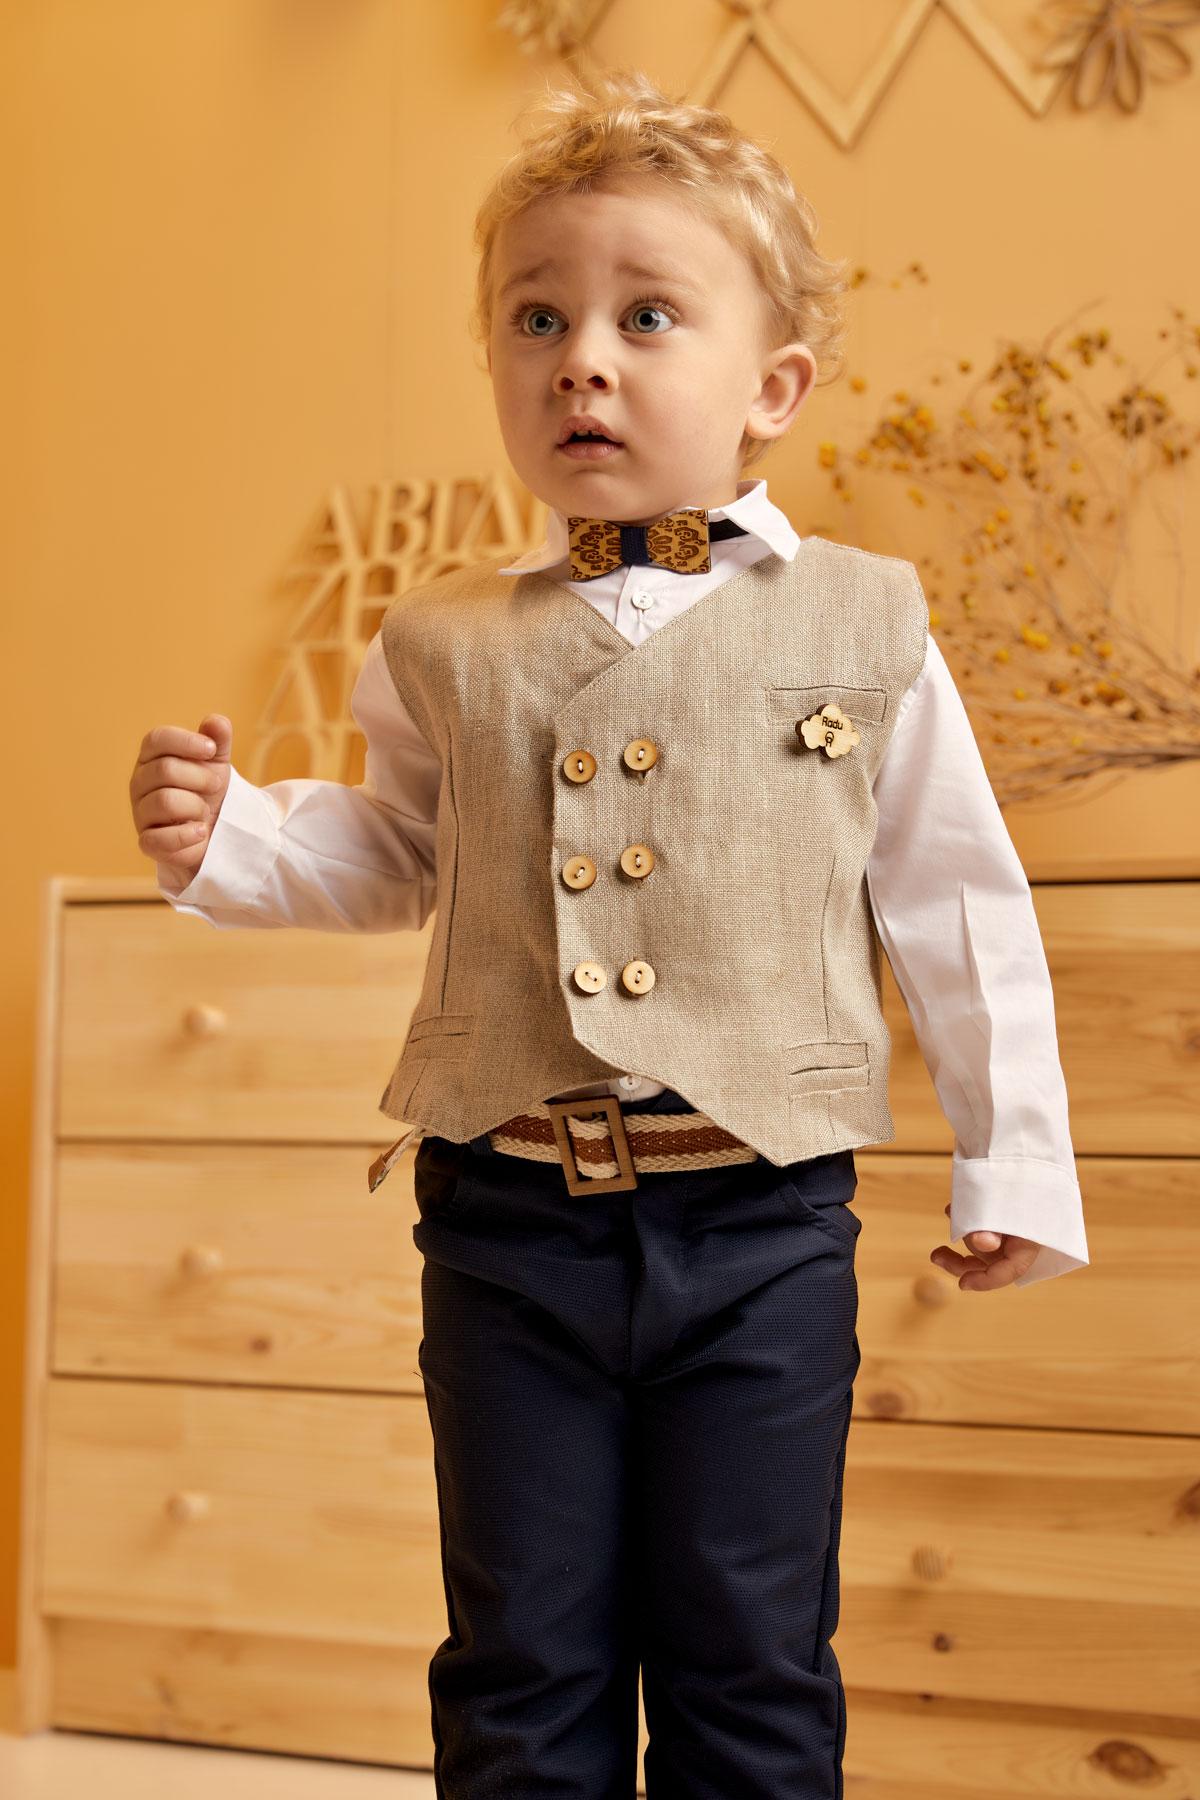 Βαπτιστικό σύνολο μπλε παντελόνι και μπεζ ψάθα σταυροκούμπι γιλέκο